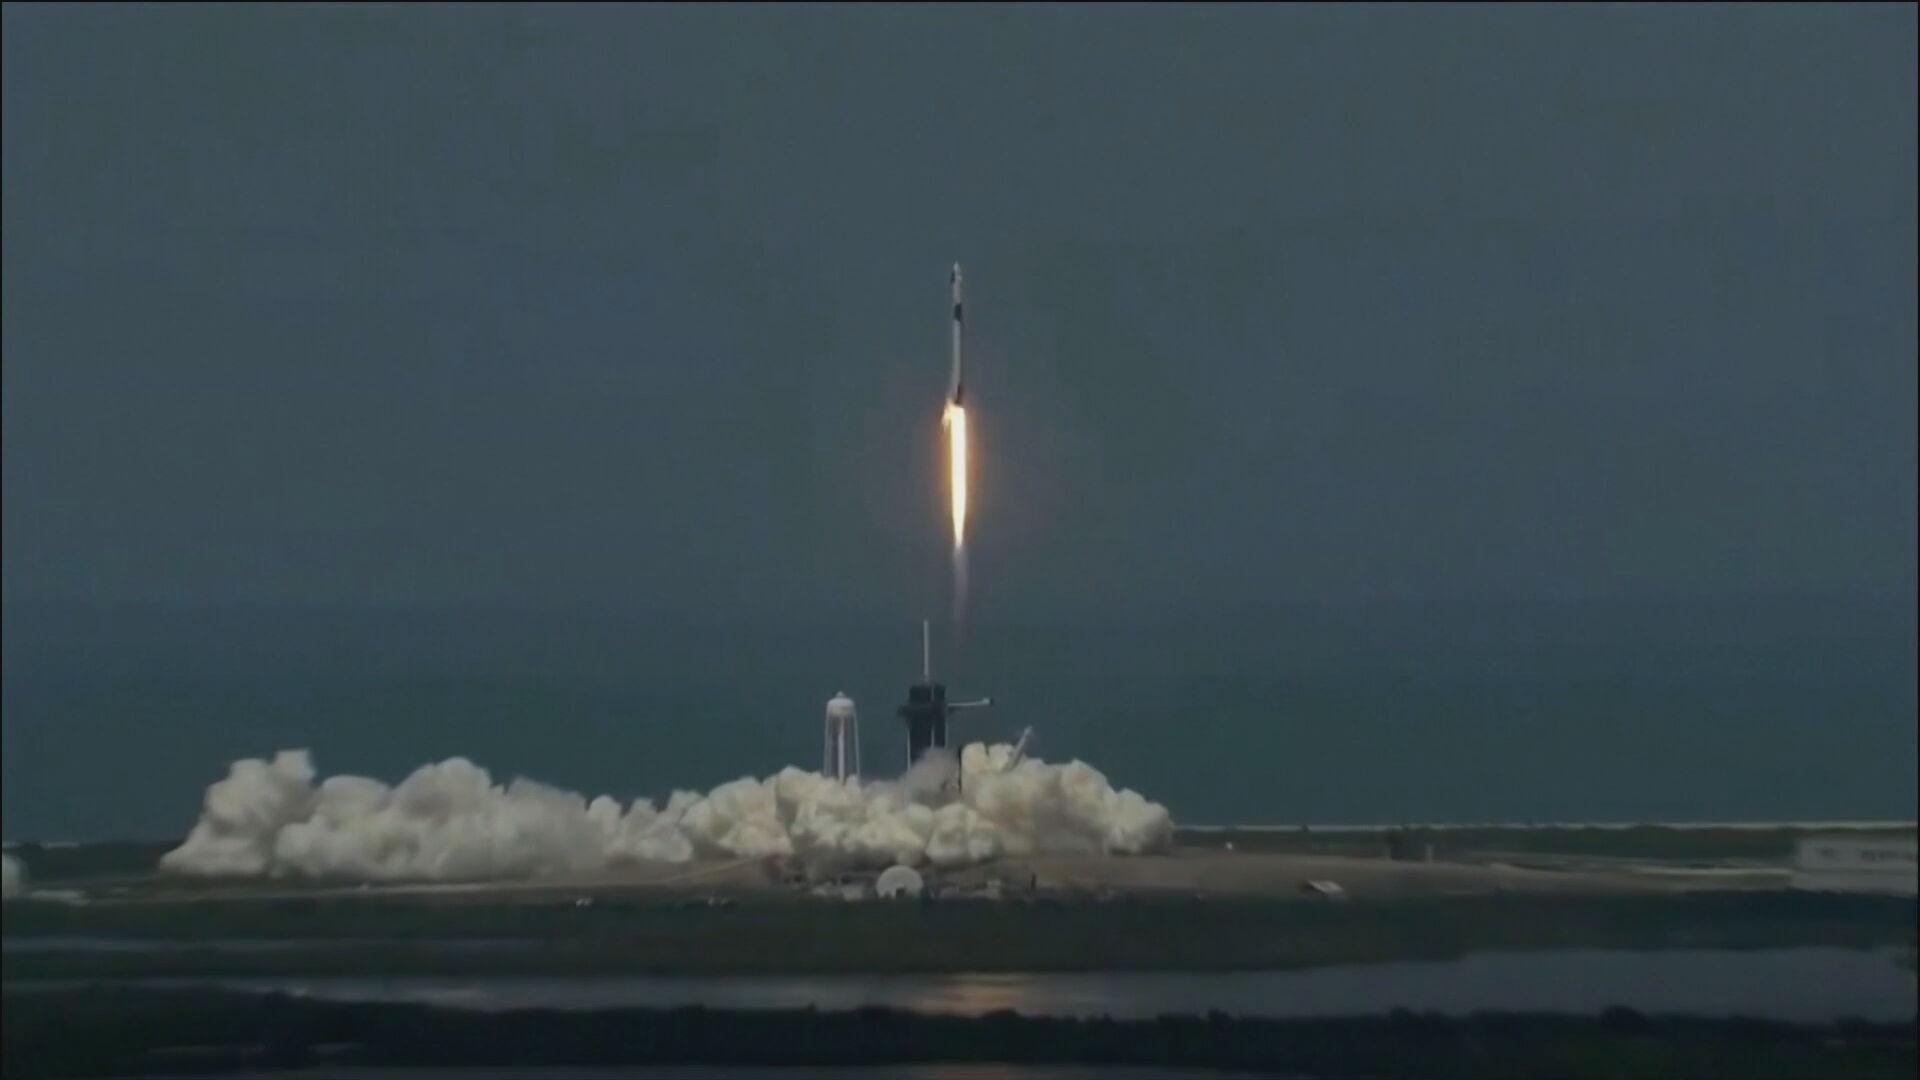 Lançamento do foguete Falcoln 9 pela NASA e SpaceX